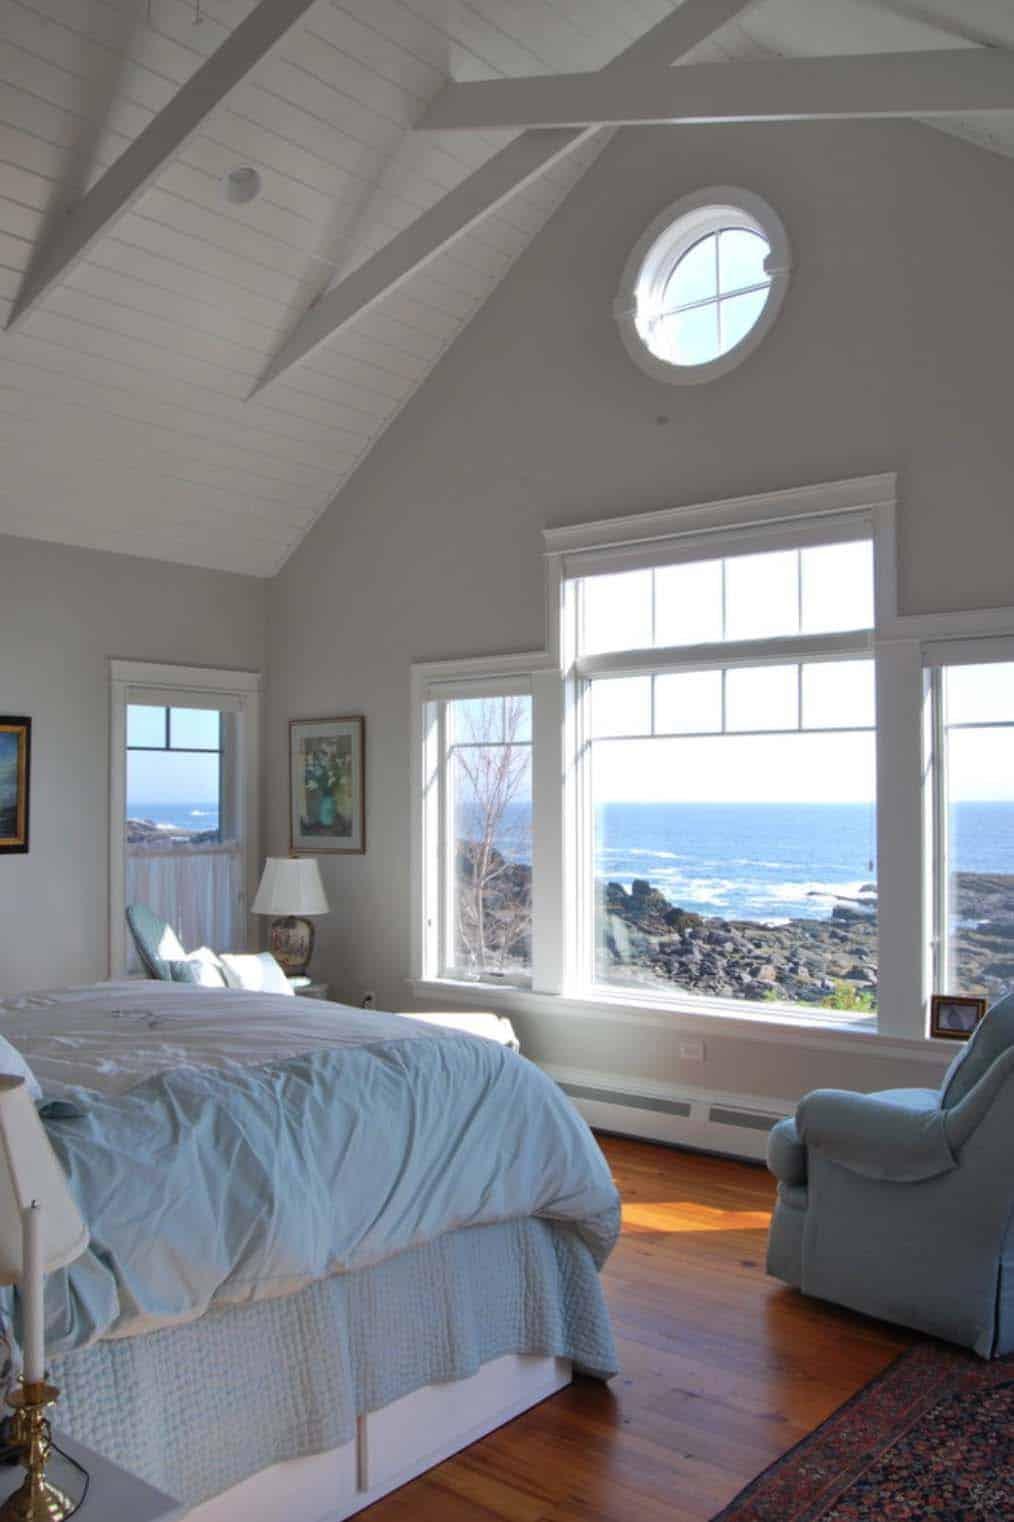 Cottage élégant en bord de mer-Whipple Callender Architects-08-1 Kindesign